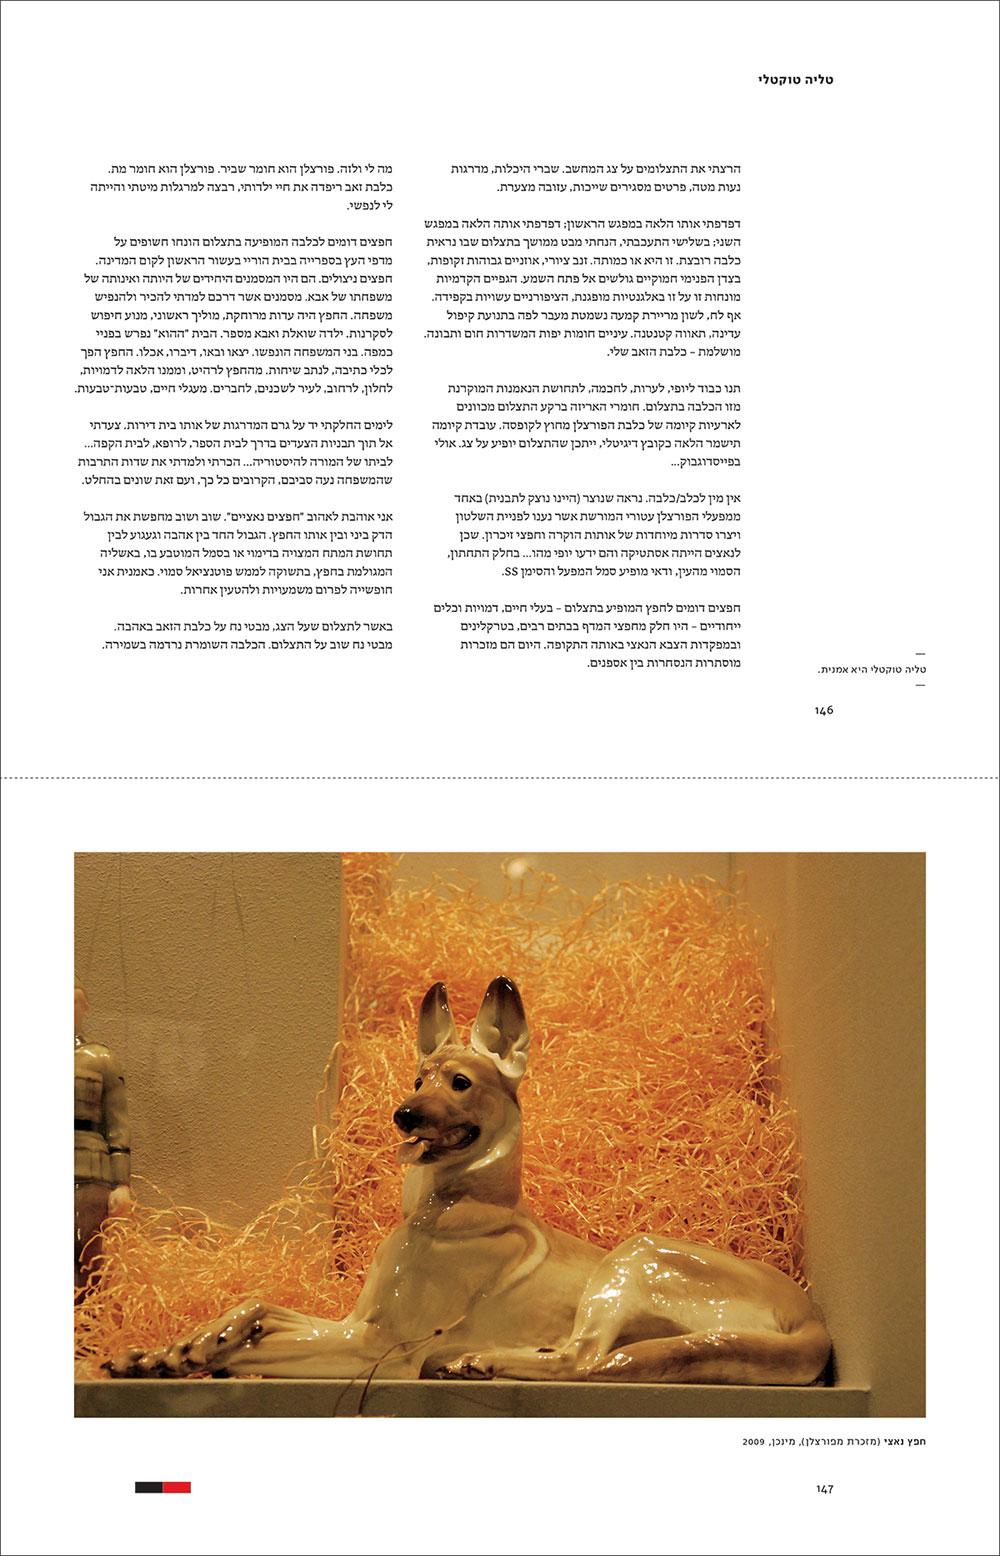 פנטומים, דנה אריאלי, עמודים 146-147